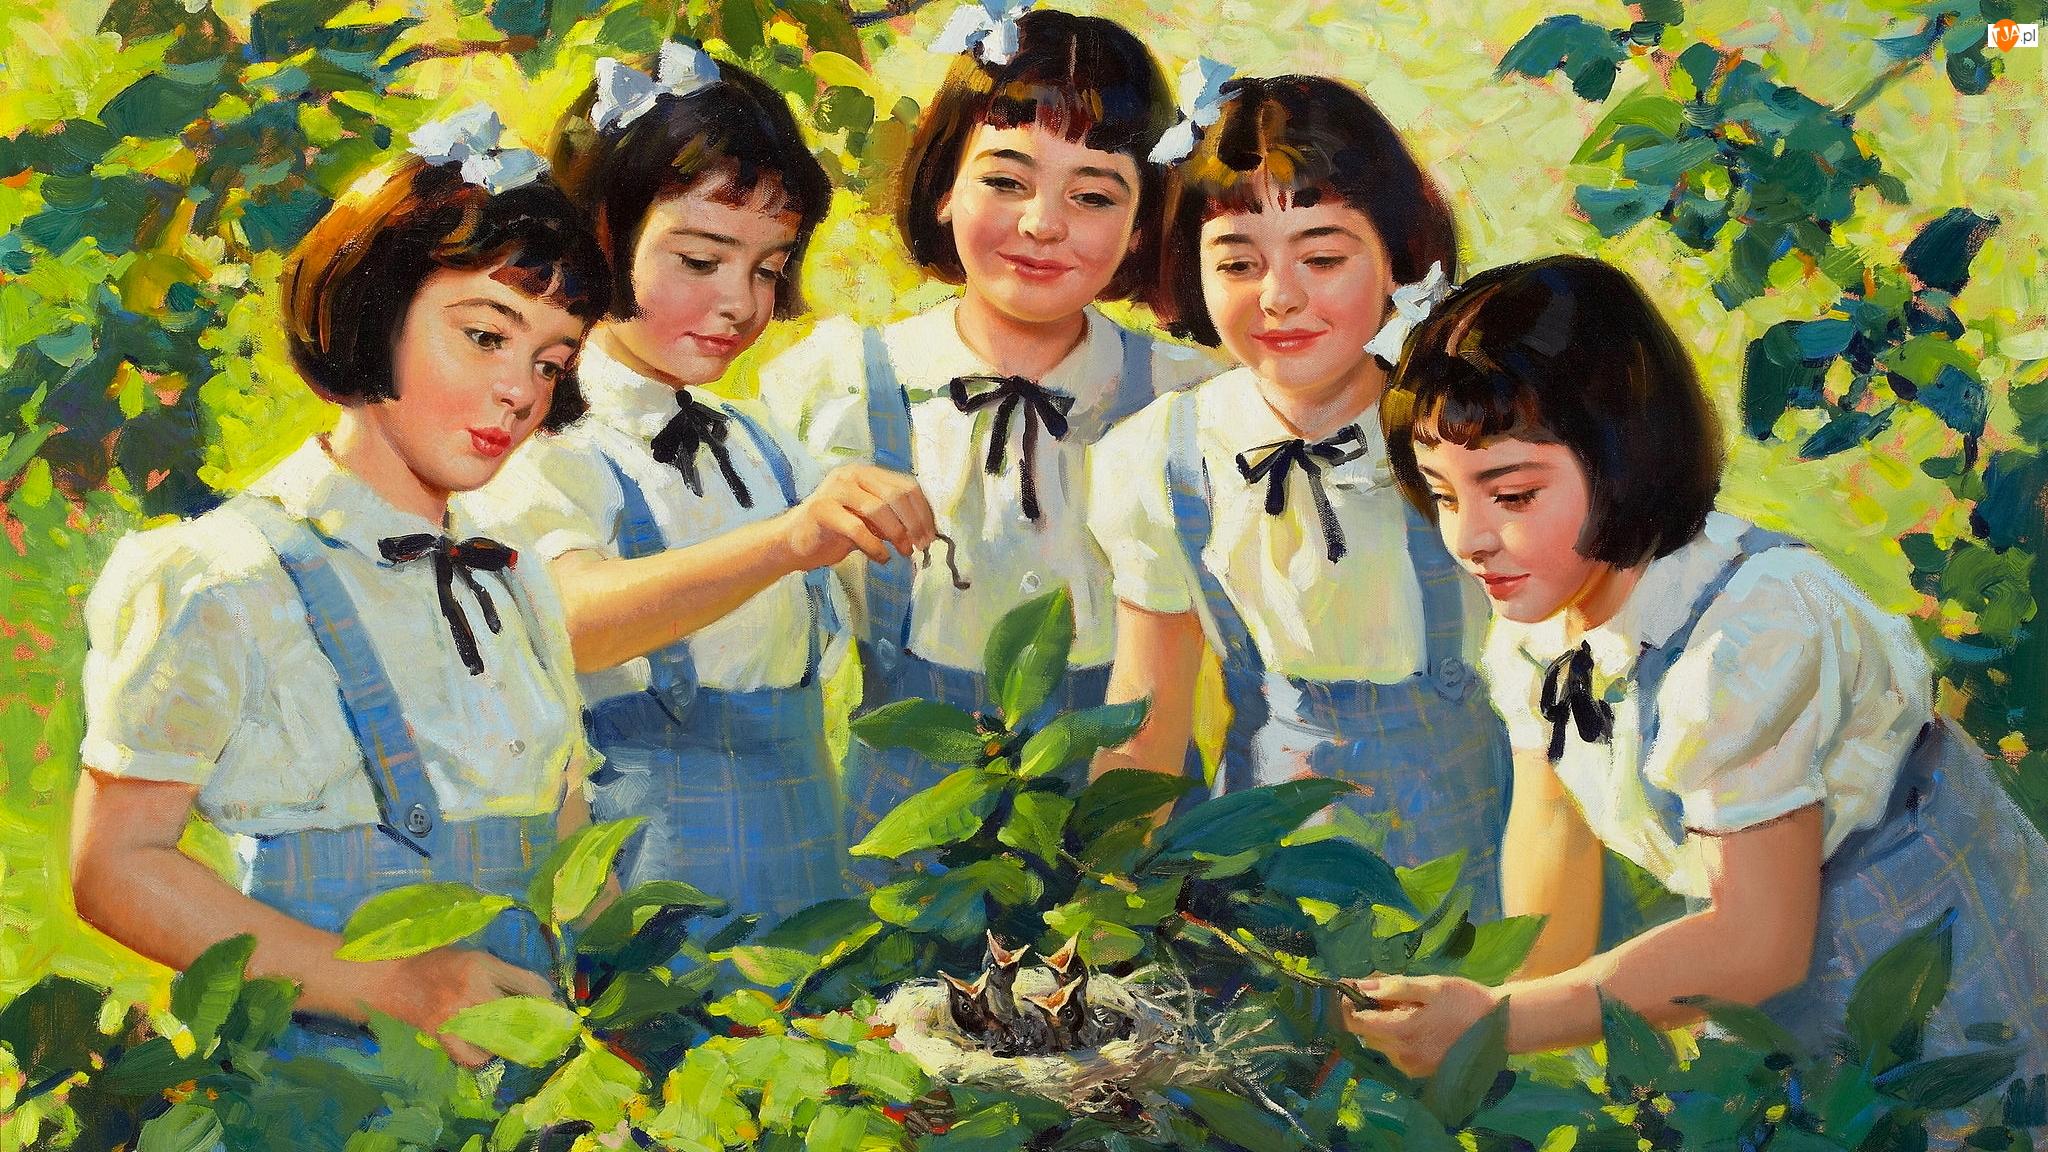 Obraz, Malarstwo, Dziewczynki, Gniazdo, Andrew Loomis, Pisklęta